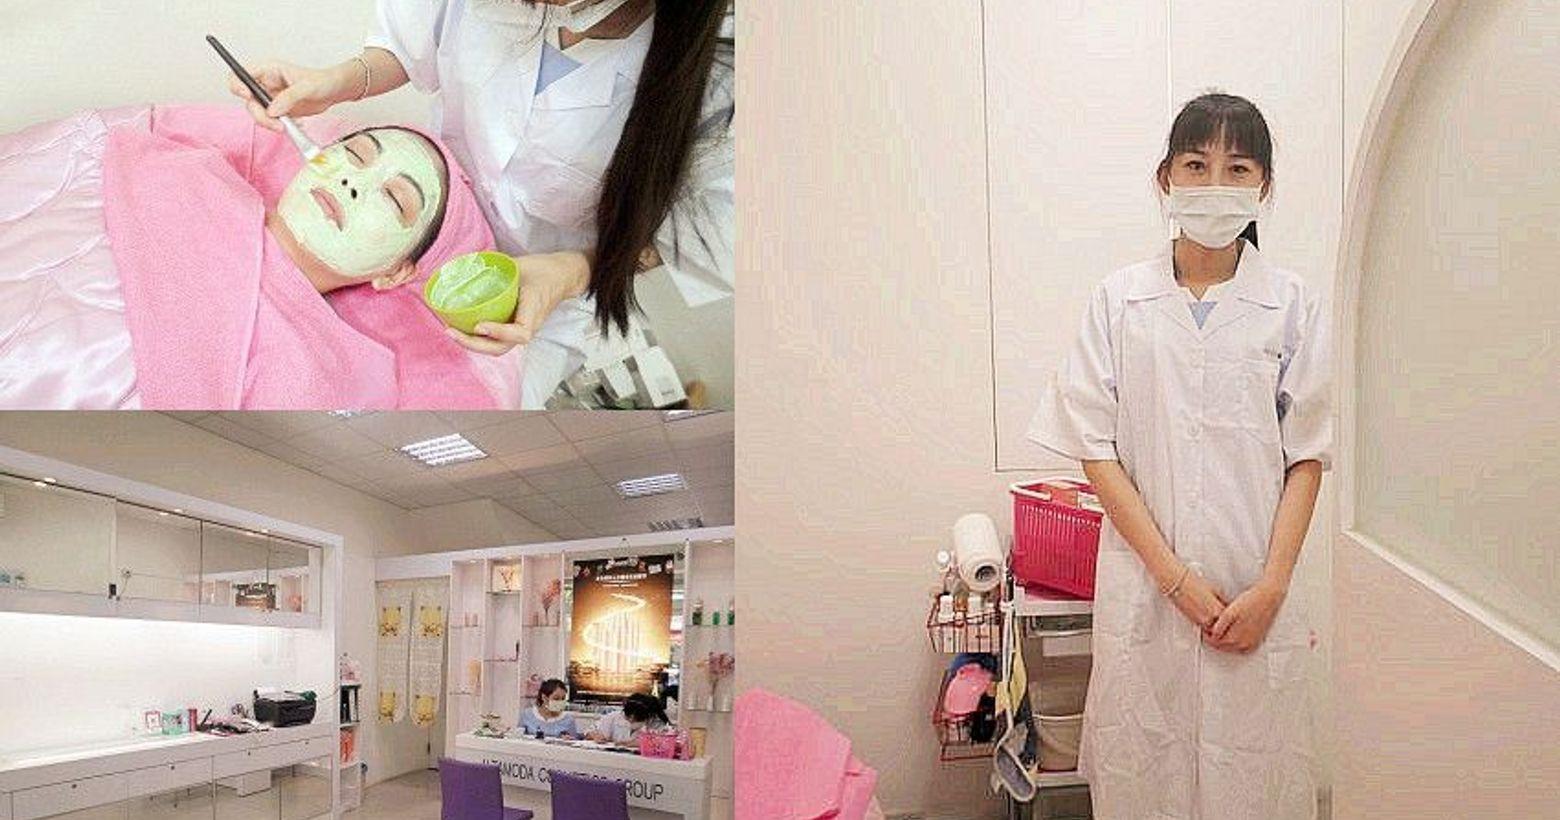 護膚  ░  愛妮雅化妝品為你客製的做臉課程,給你貴婦般享受及被照顧的臉部肌膚原文網址: